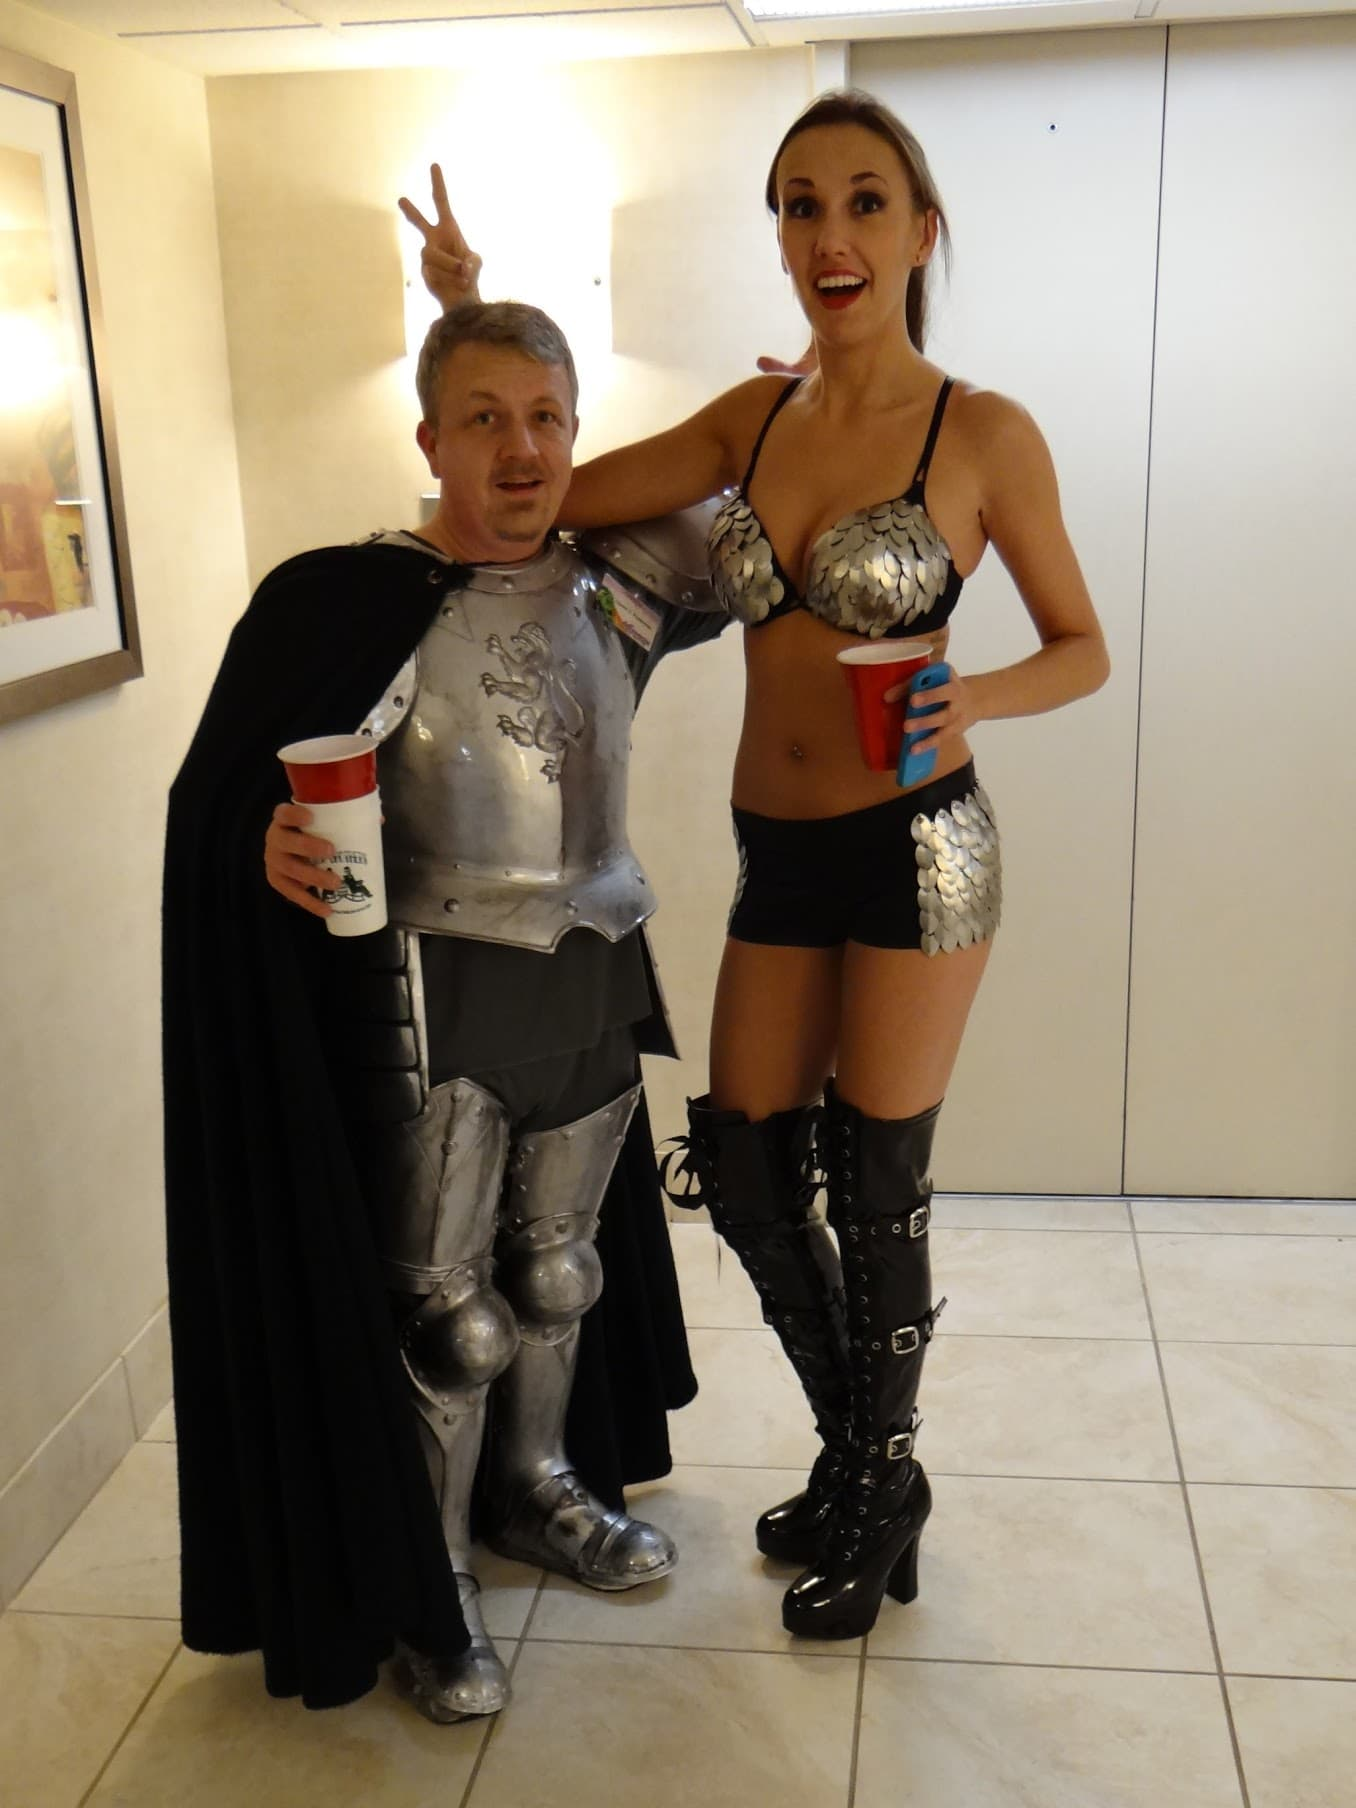 David and Cristi in Armor